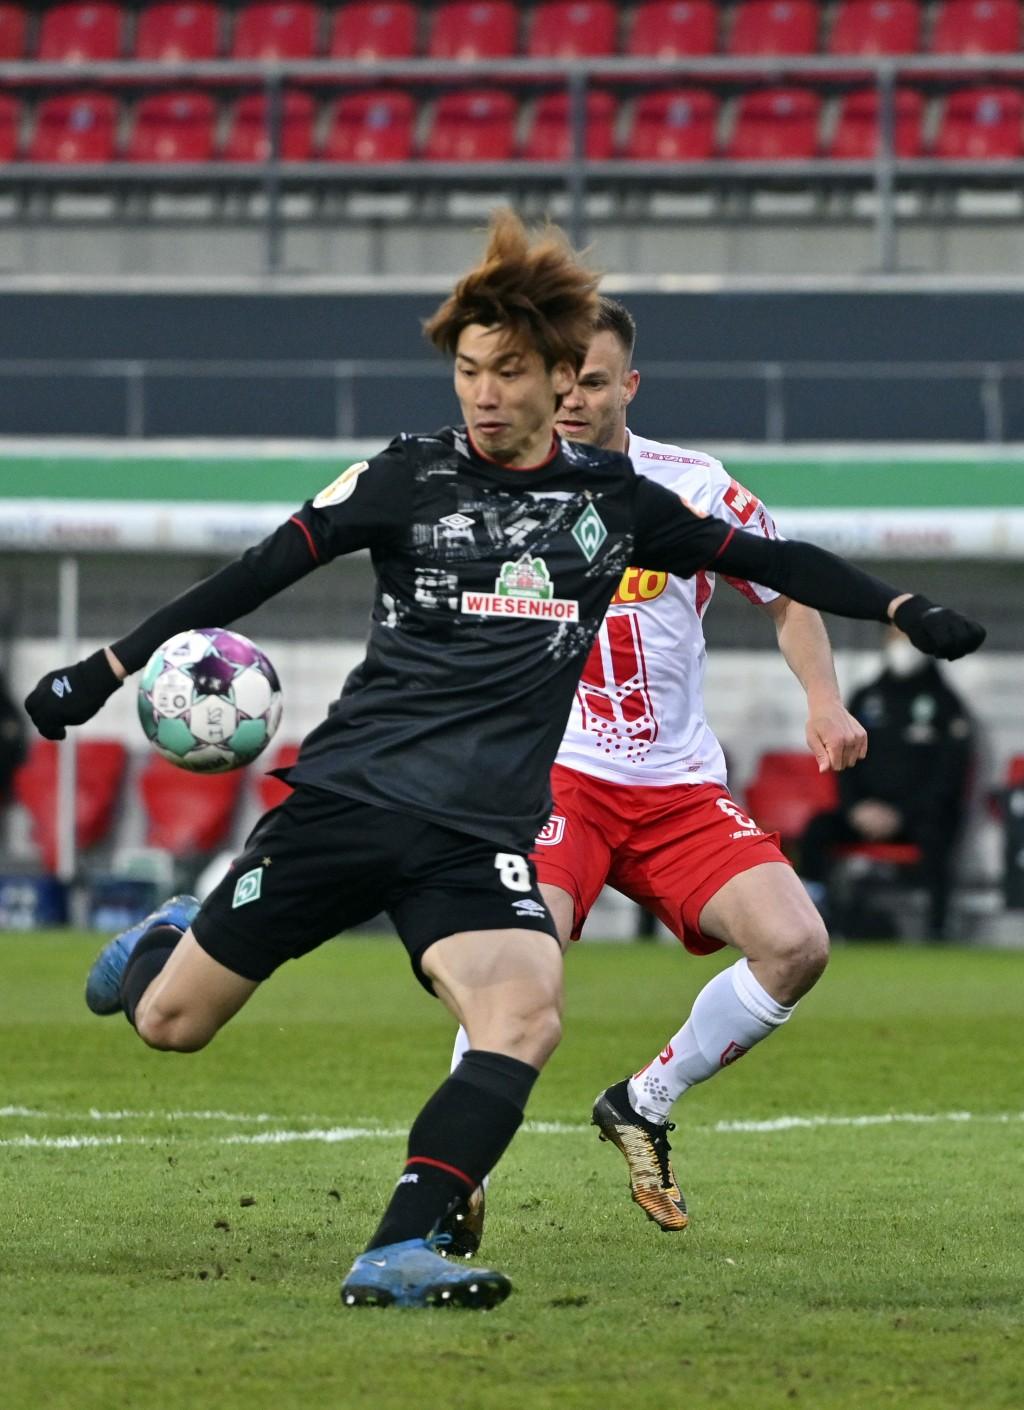 Bremen's Yuya Osako, front, and Regensburg's Benedikt Saller in action during the German soccer cup quarter final soccer match between Jahn Regensburg...